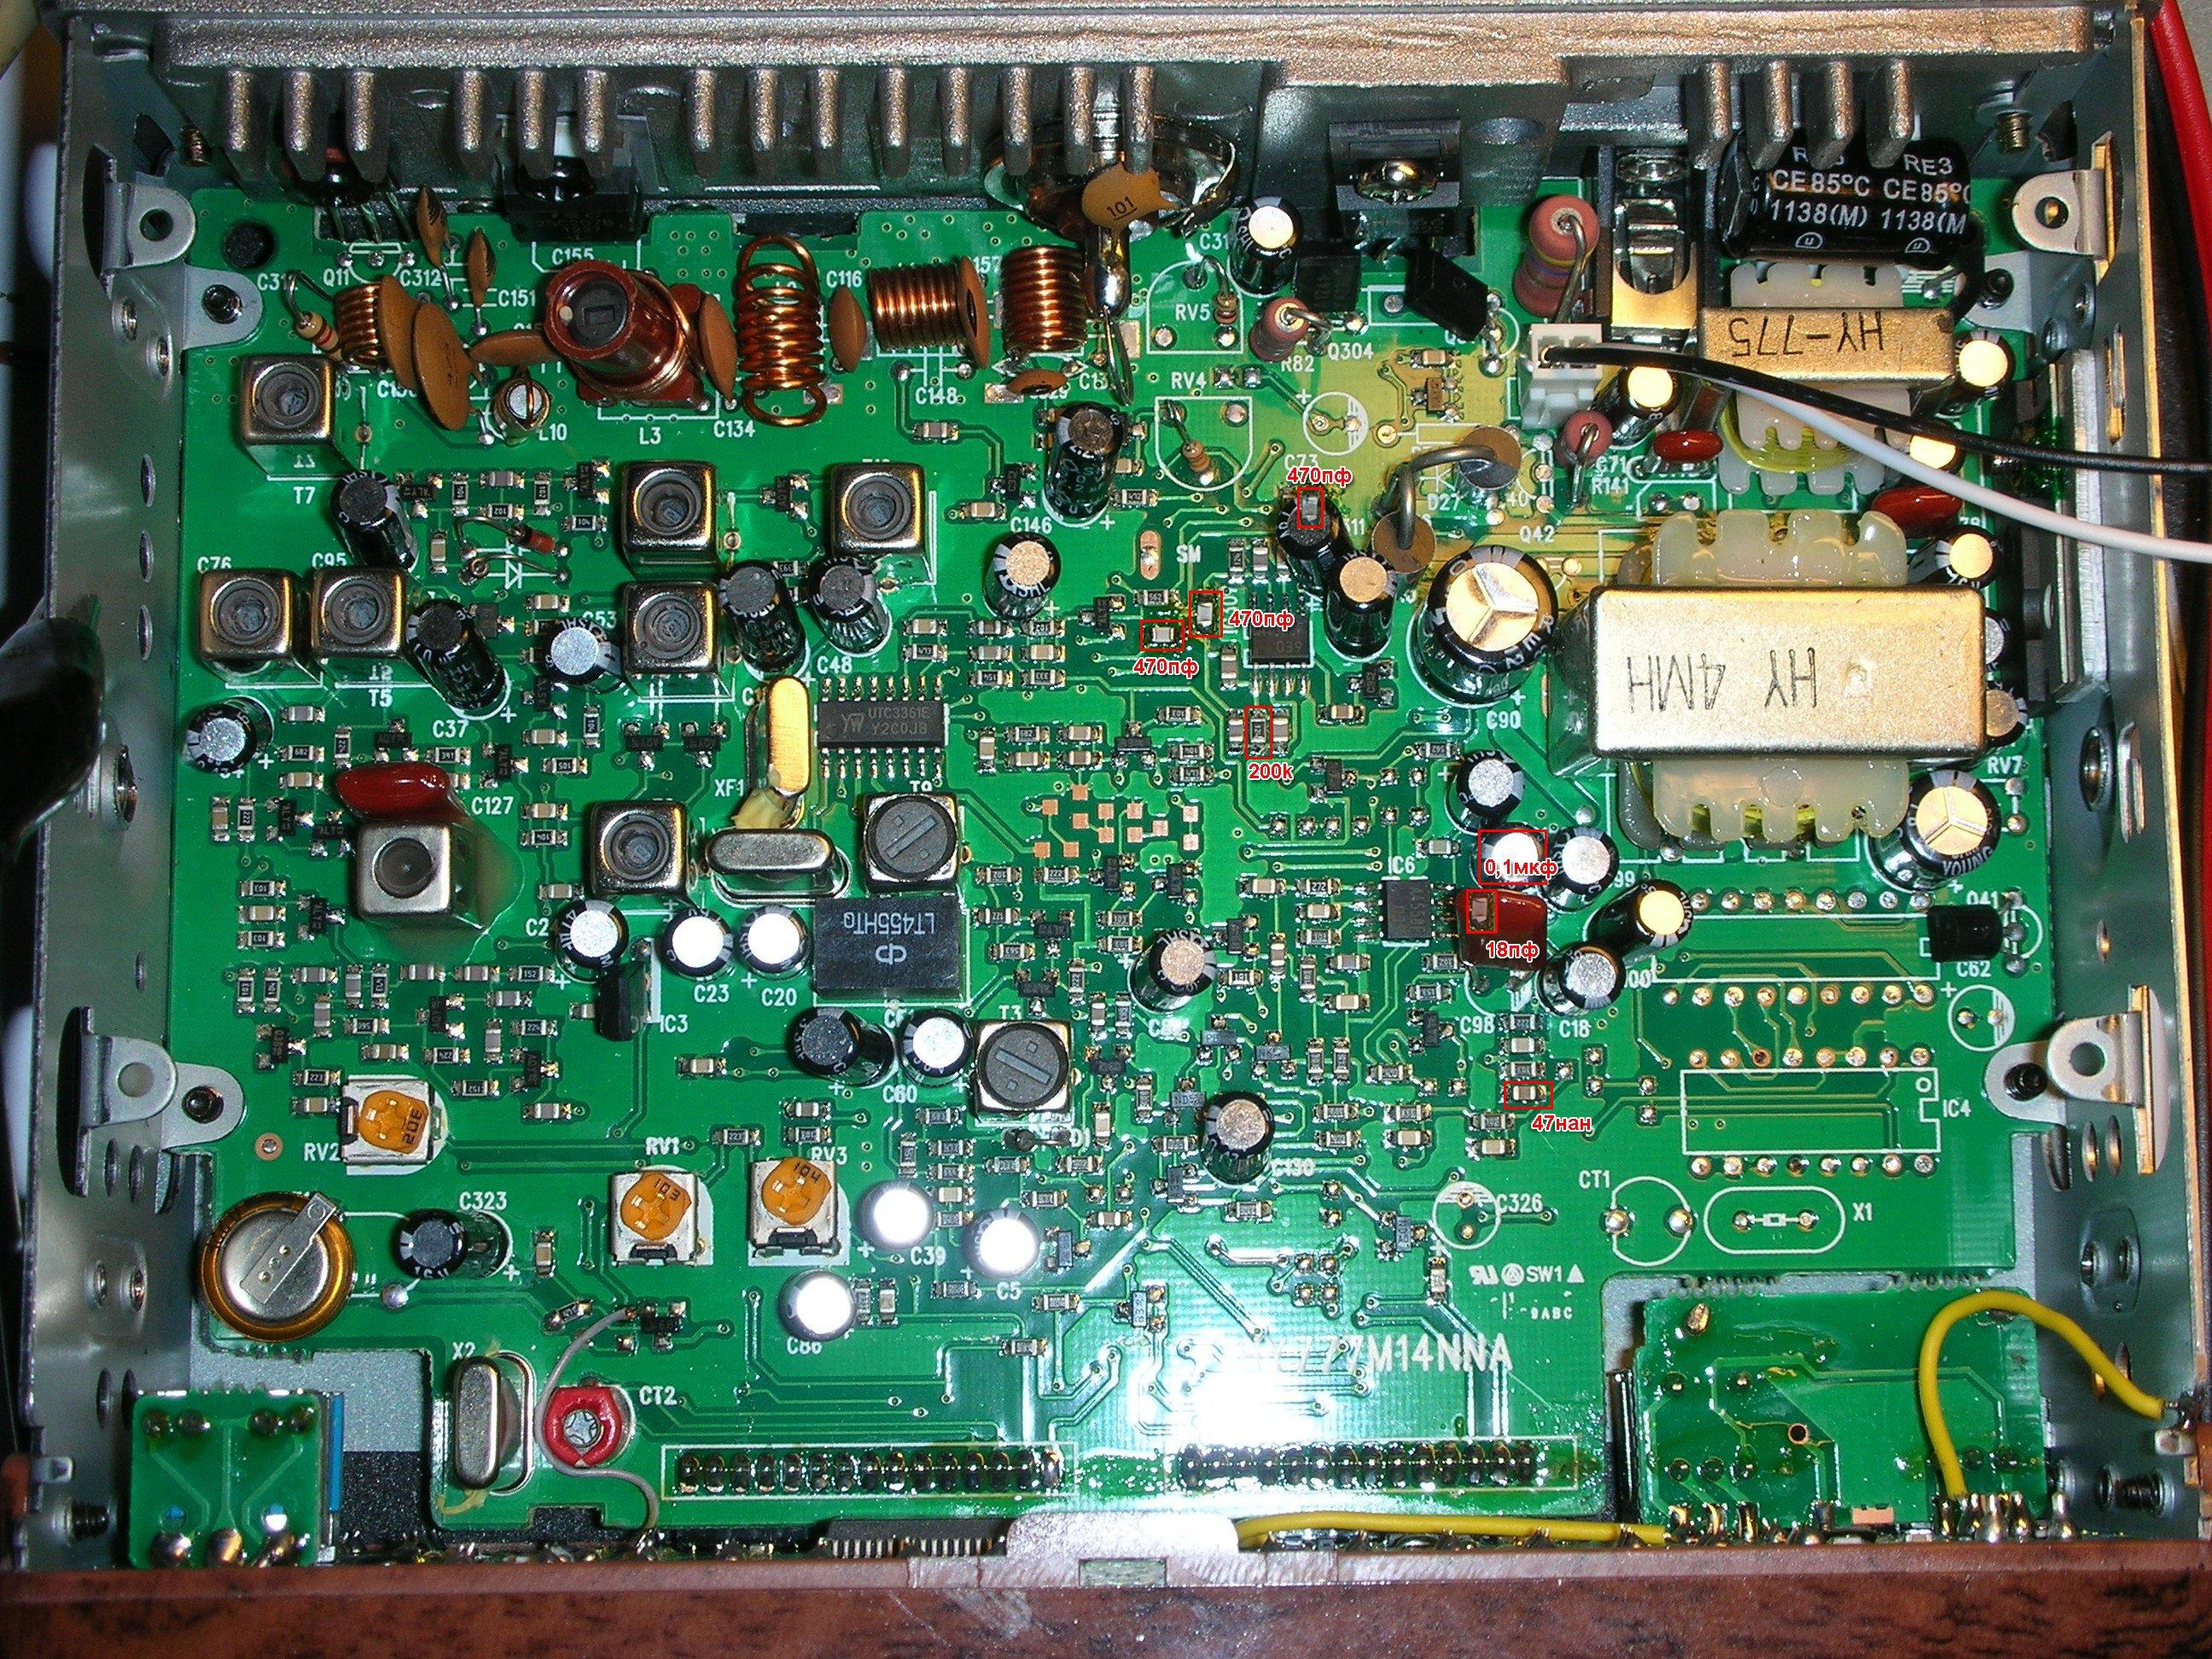 Основная плата радиостанции Megajet MJ-3031M с указанием как доработать модуляцию в ЧМ и автошумодав (ASQ)